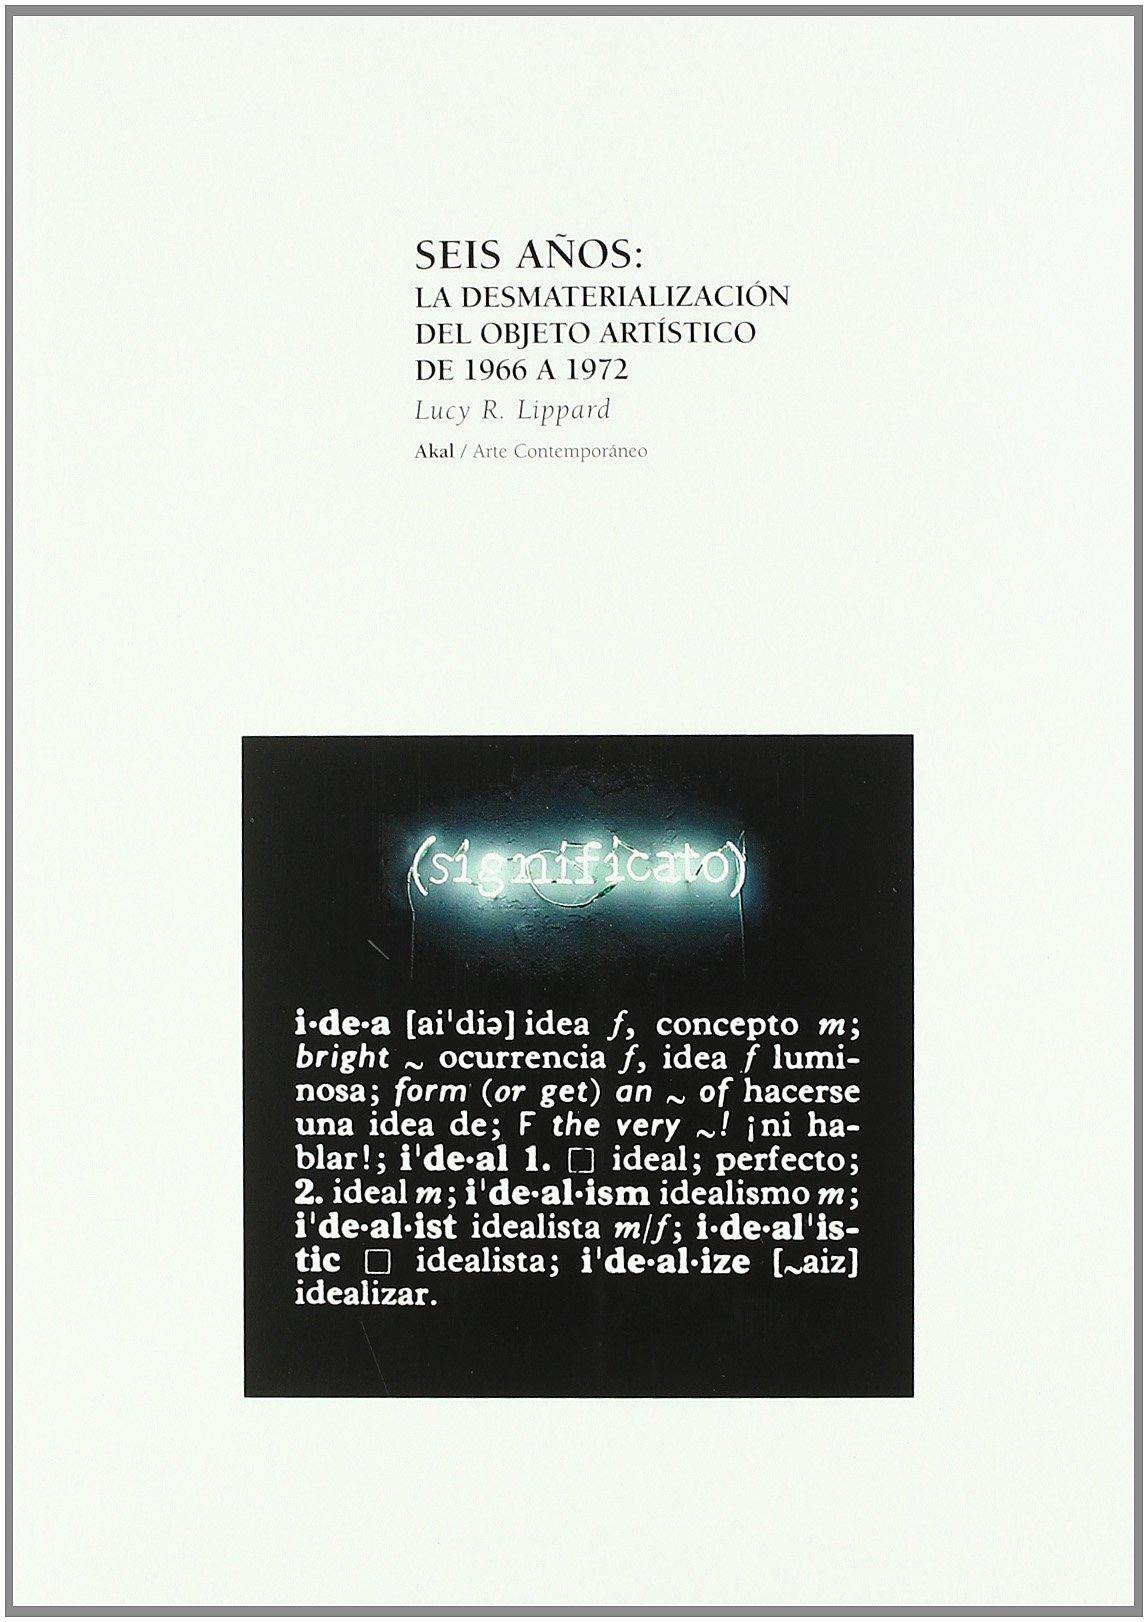 Seis años: la desmaterializacion del objeto artístico (Arte contemporáneo) Tapa blanda – 27 ene 2004 Lucy R. Lippard Mª Luz Rodríguez Olivares Ediciones Akal 8446011751